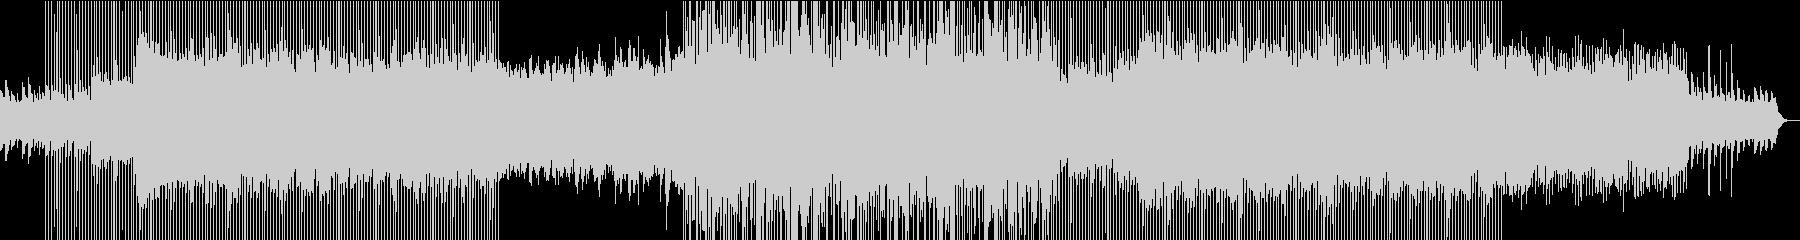 夏の始まりをイメージしたBGMの未再生の波形